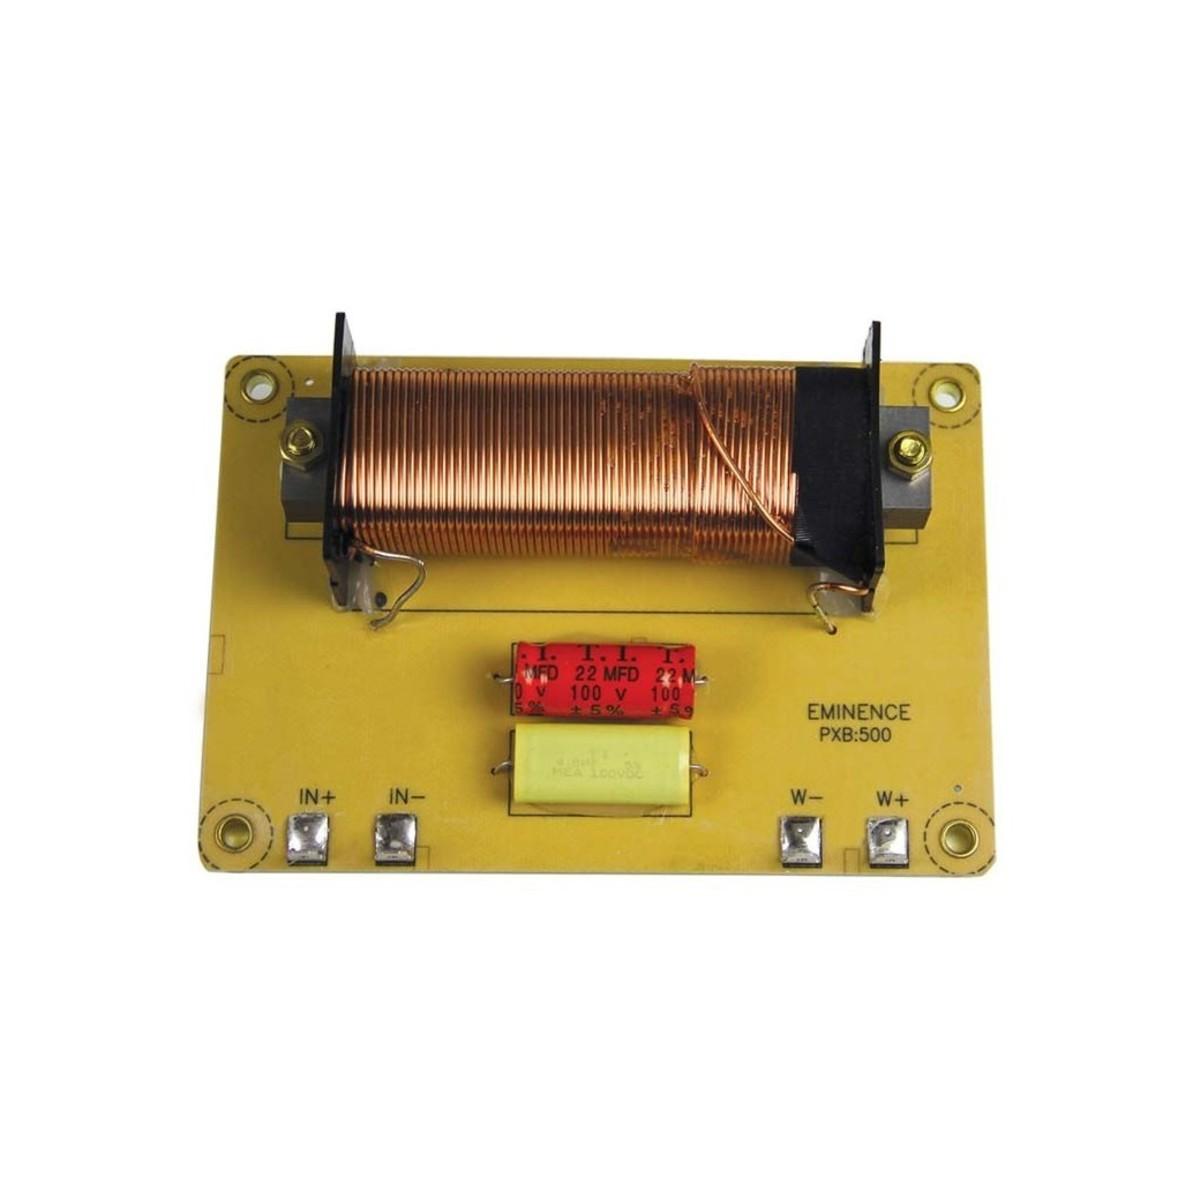 Eminence Pxb500 500 Hz Low Pass Filter At Gear4musiccom Operation Amplifier Lowpass Circuit Lightcontrol Control